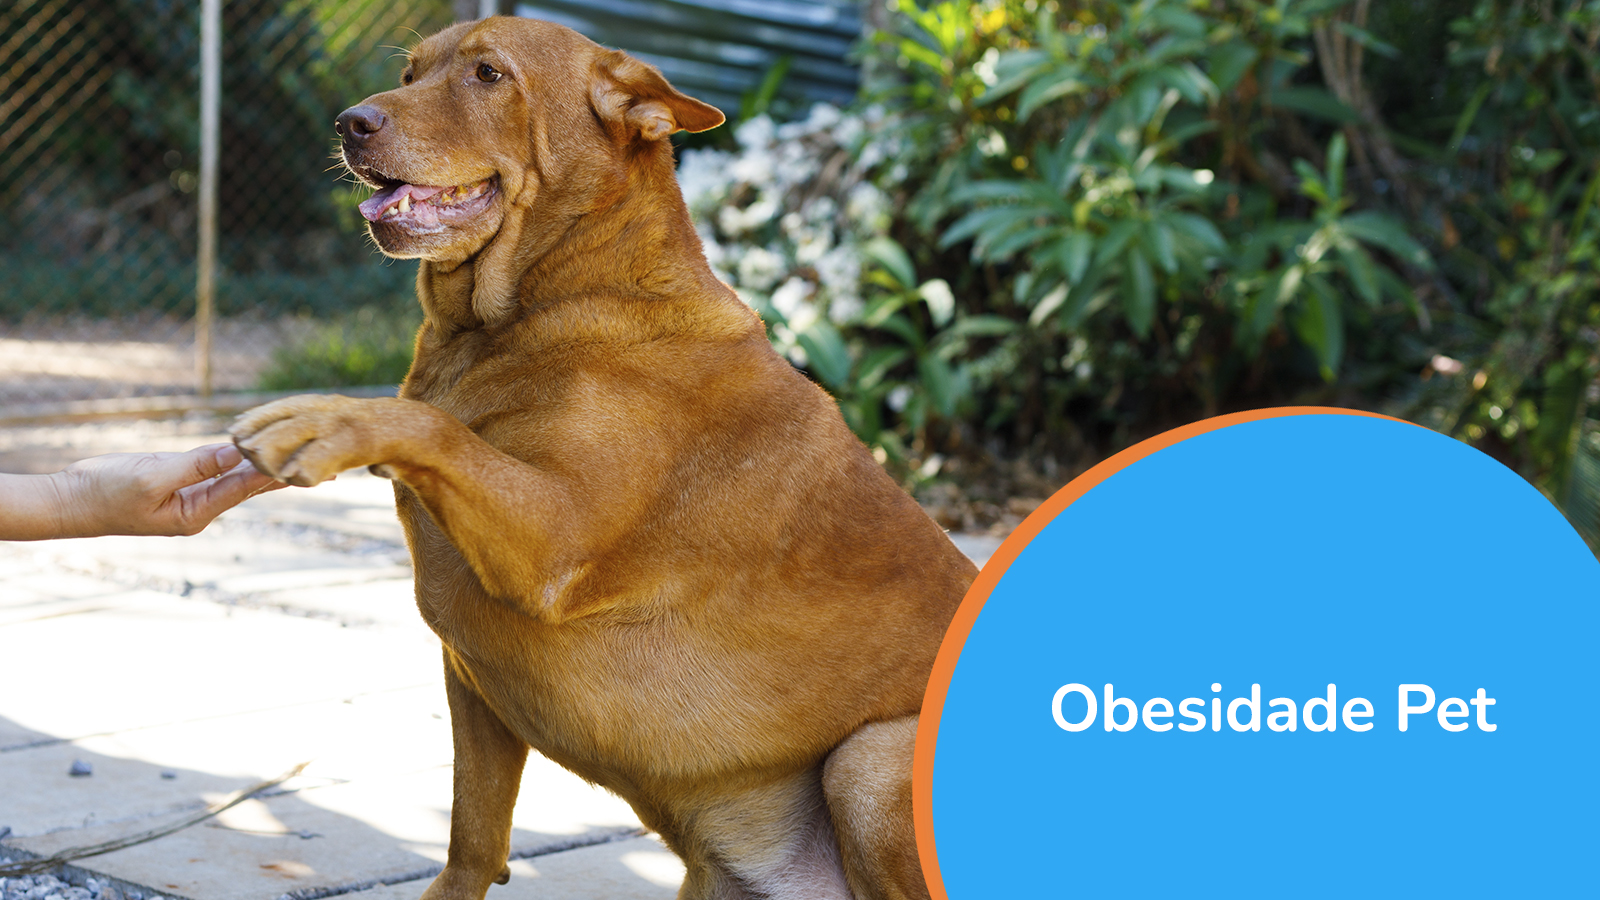 Obesidade Pet